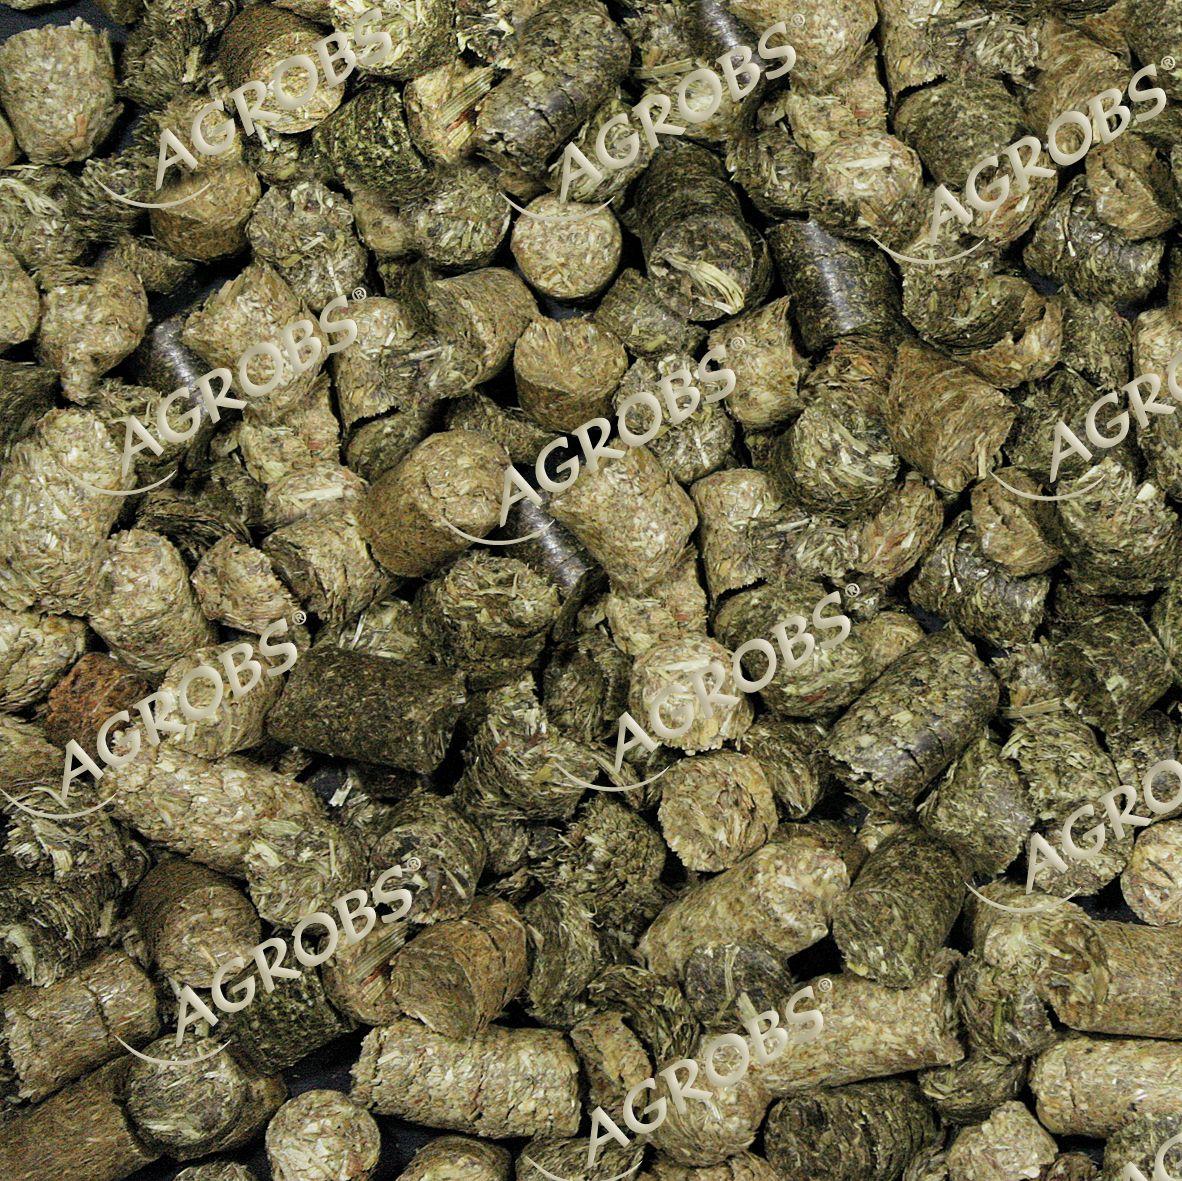 Agrobs TESTUDO Herbs